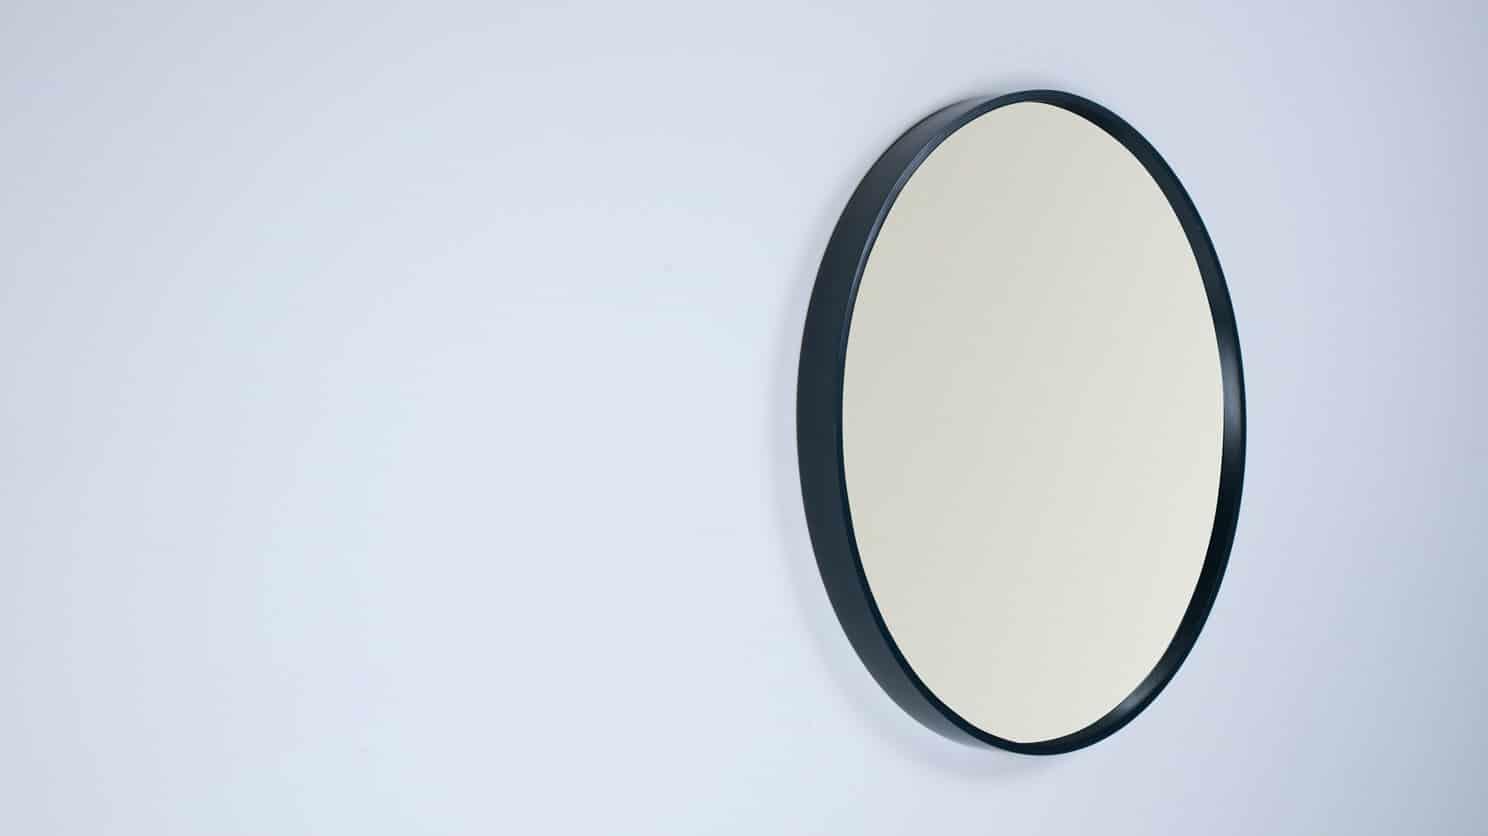 3130 042 1 3 mirror conner small black corner 1